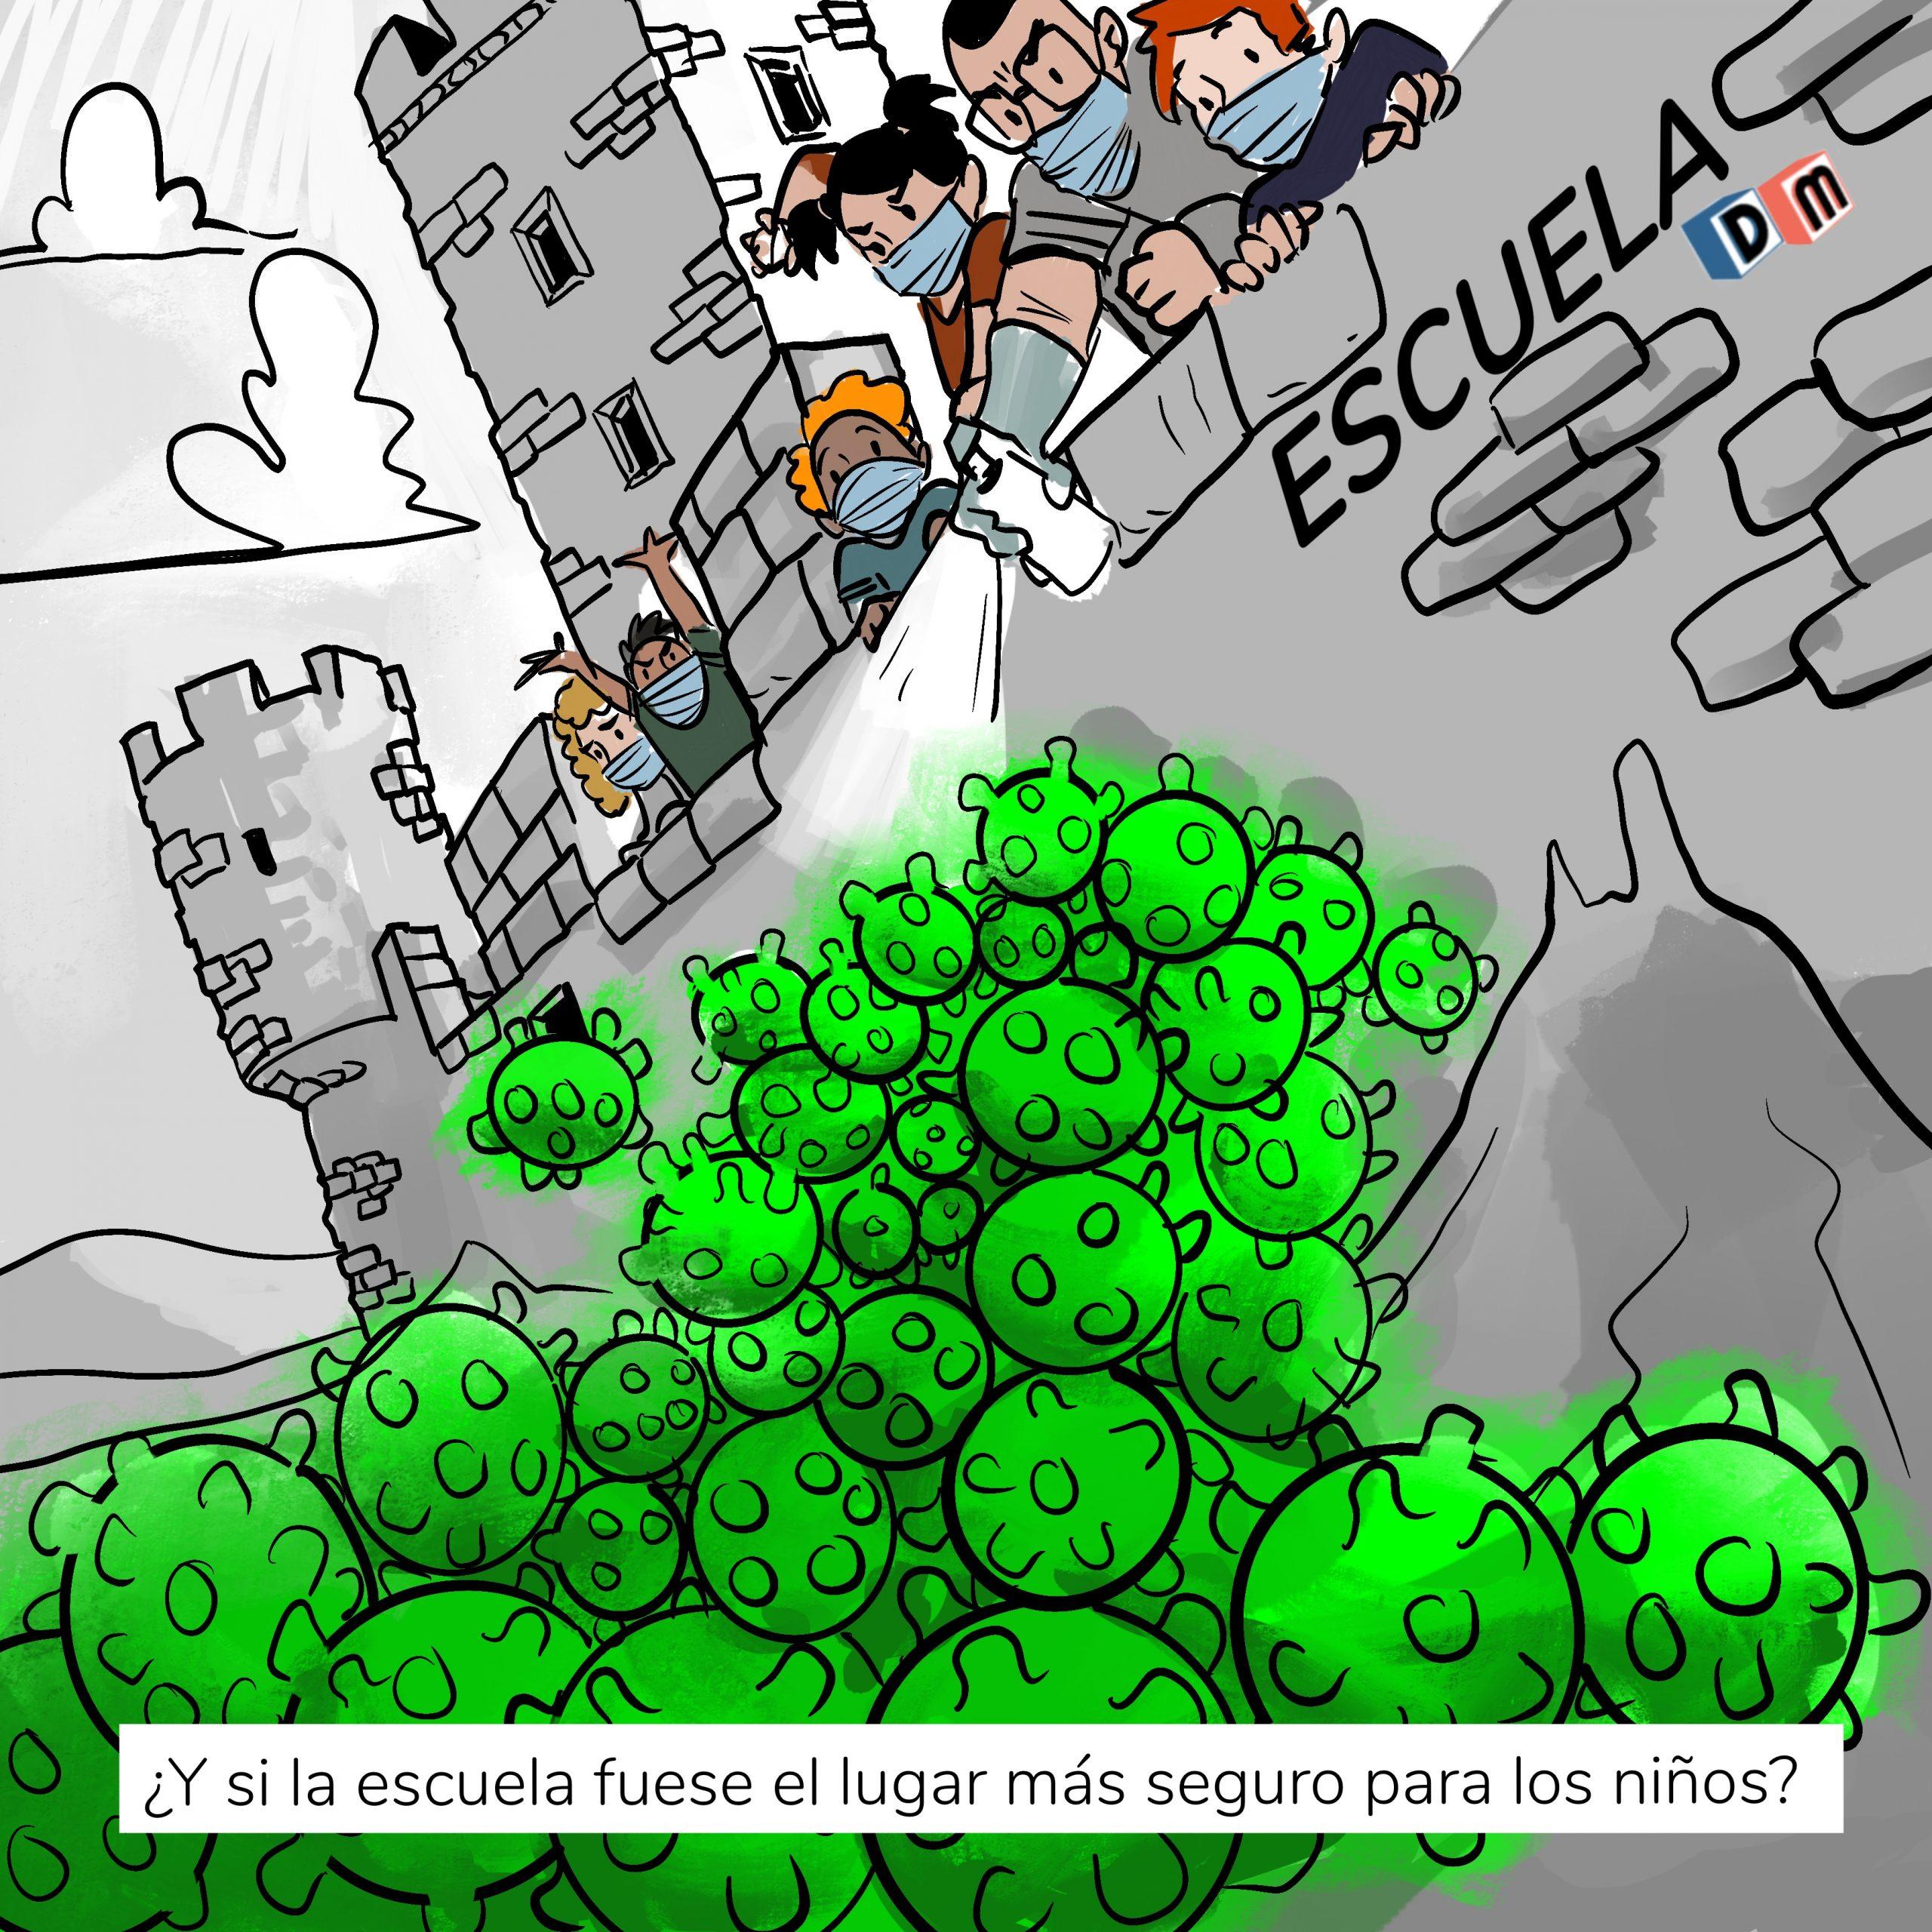 David Mora_Viñeta 24_¿Y si la escuela fuese el lugar más seguro para los niños?